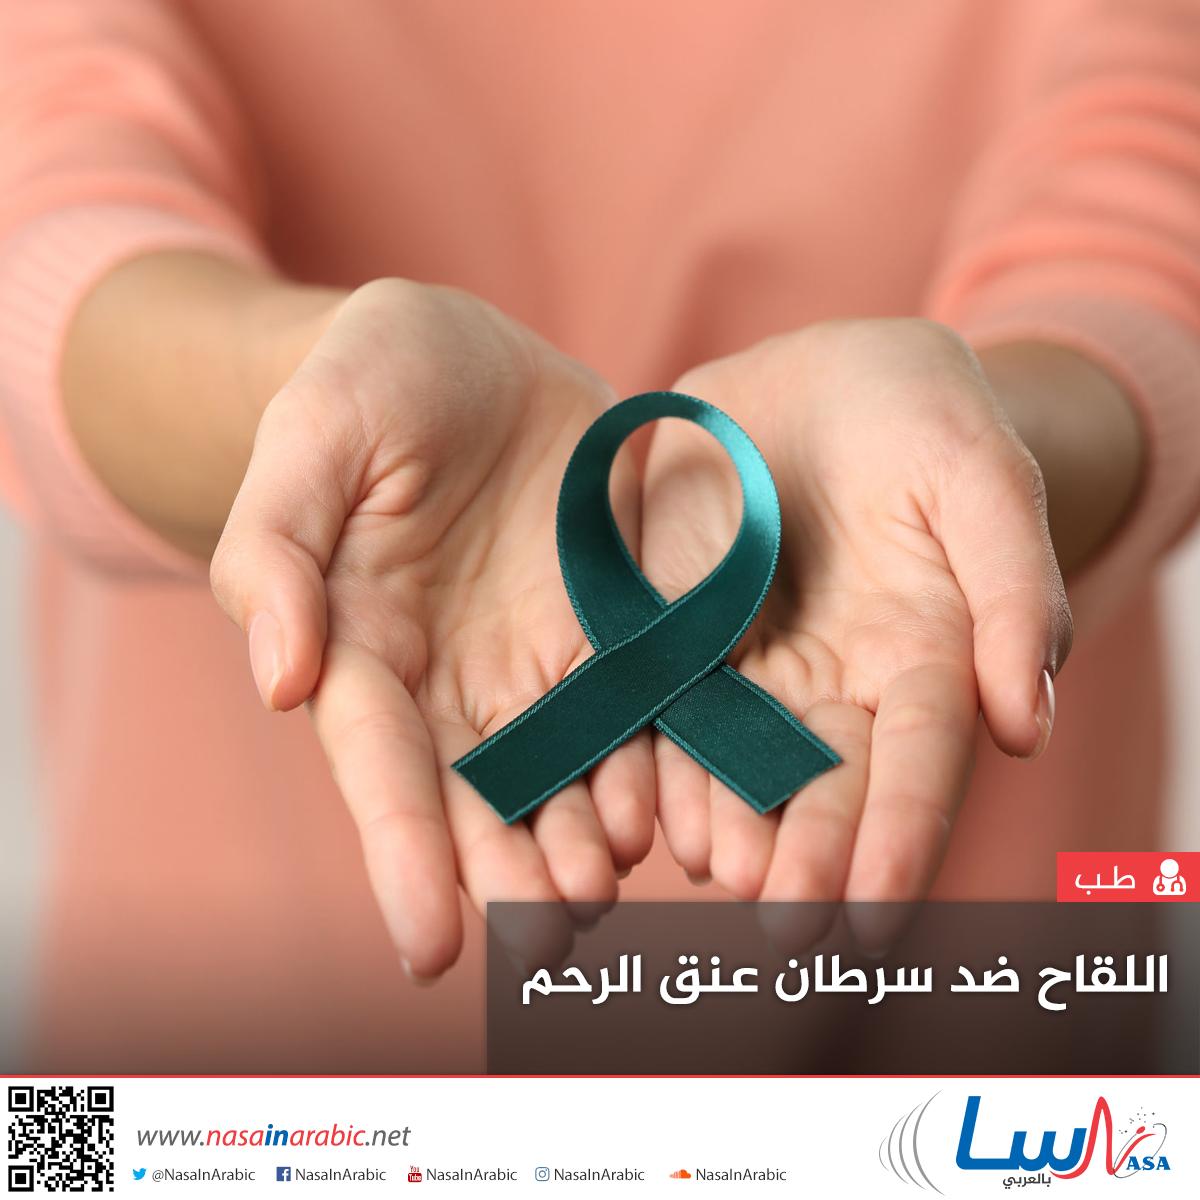 اللقاح ضد سرطان عنق الرحم